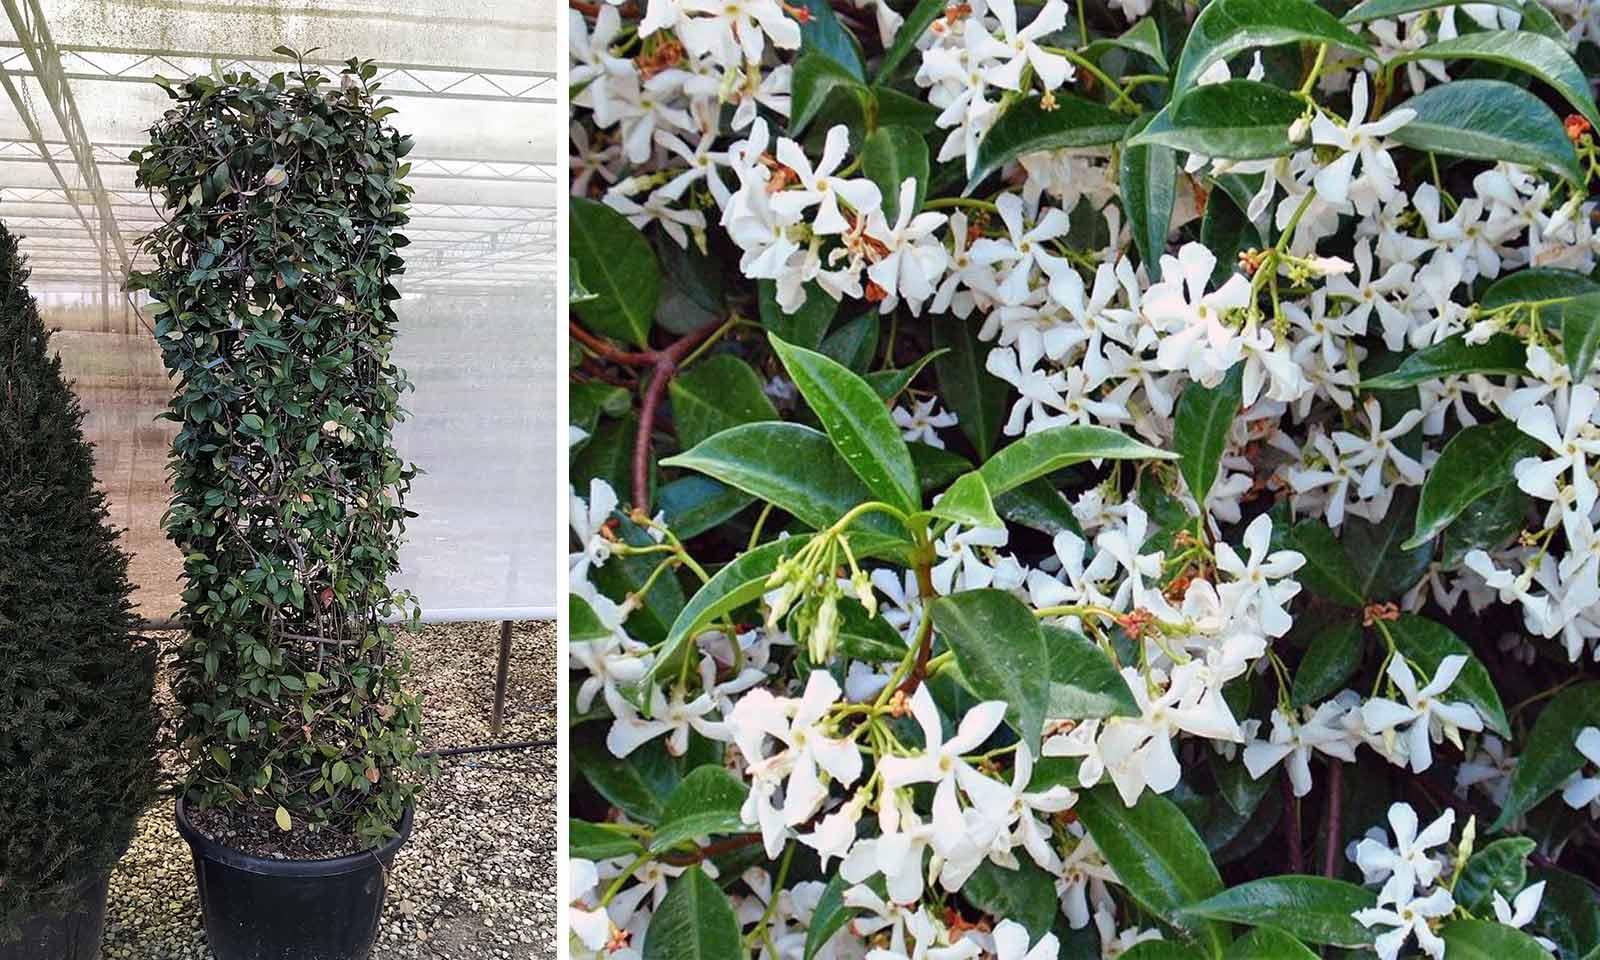 Rhyncospermum Jasminoides / Trachelospermum Jasminoides (Star Jasmine) - Cylinder